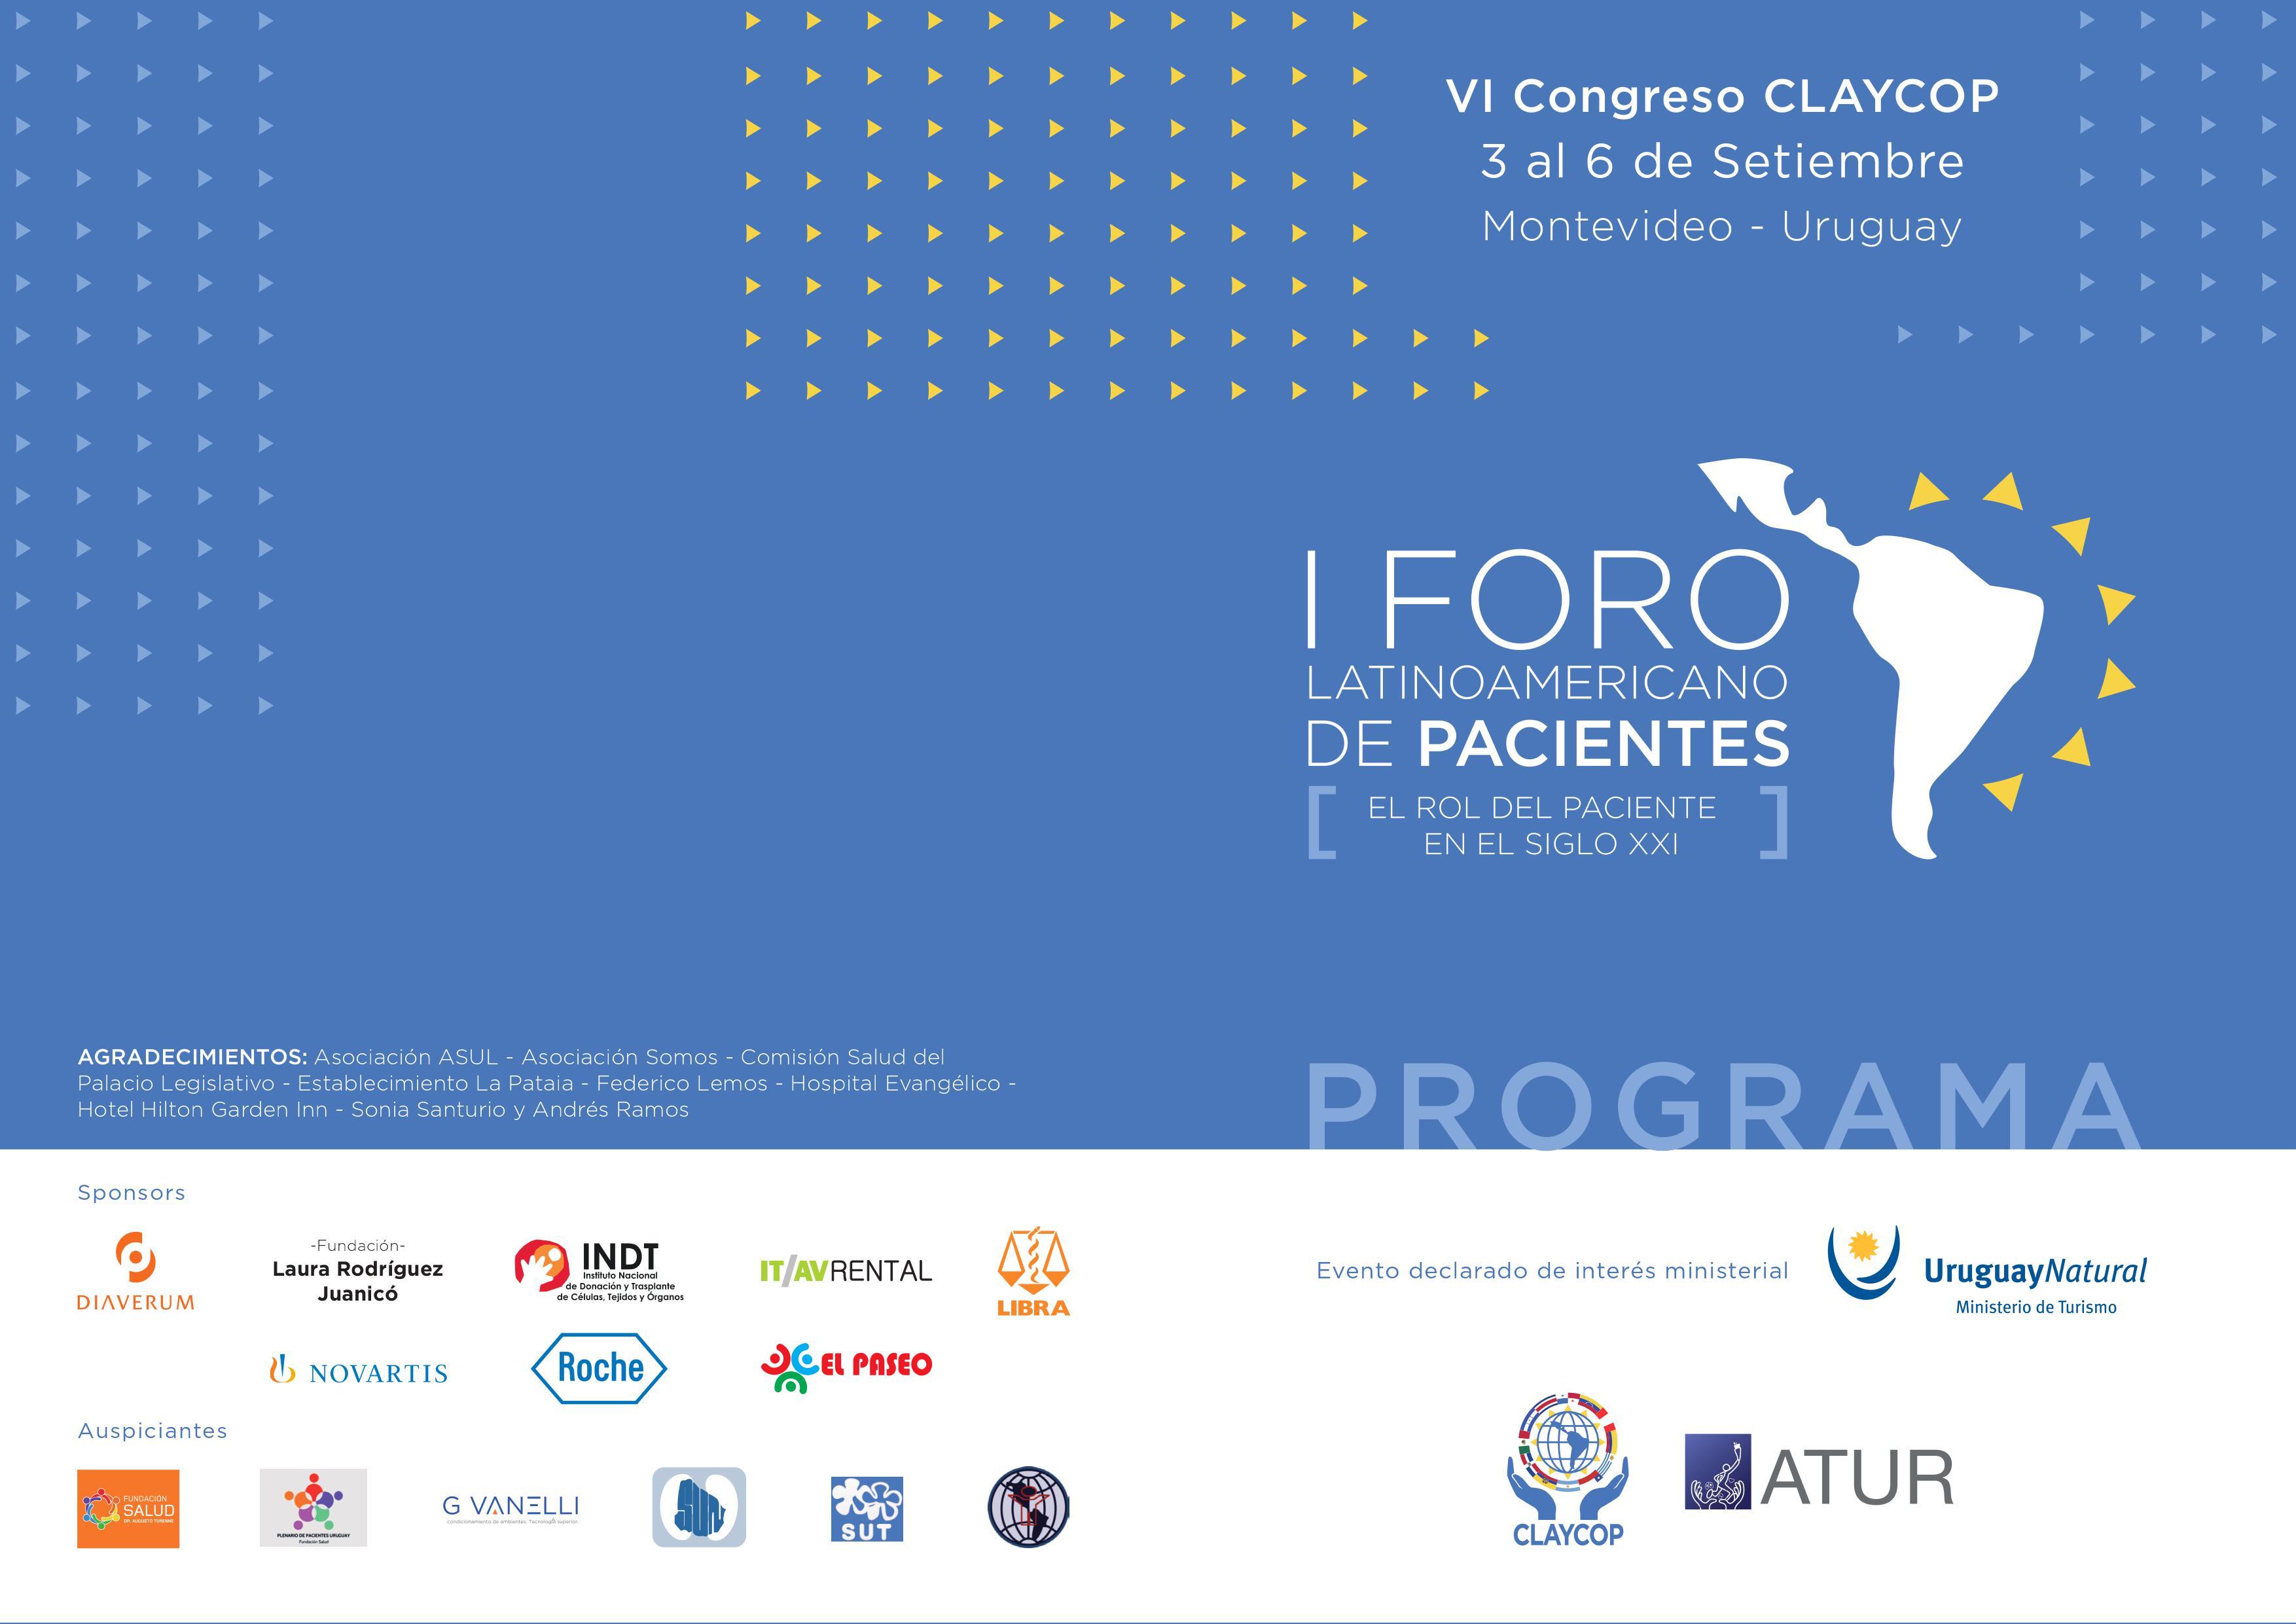 I Foro Latinoamericano de Pacientes, el Rol del Paciente en el Siglo XXI